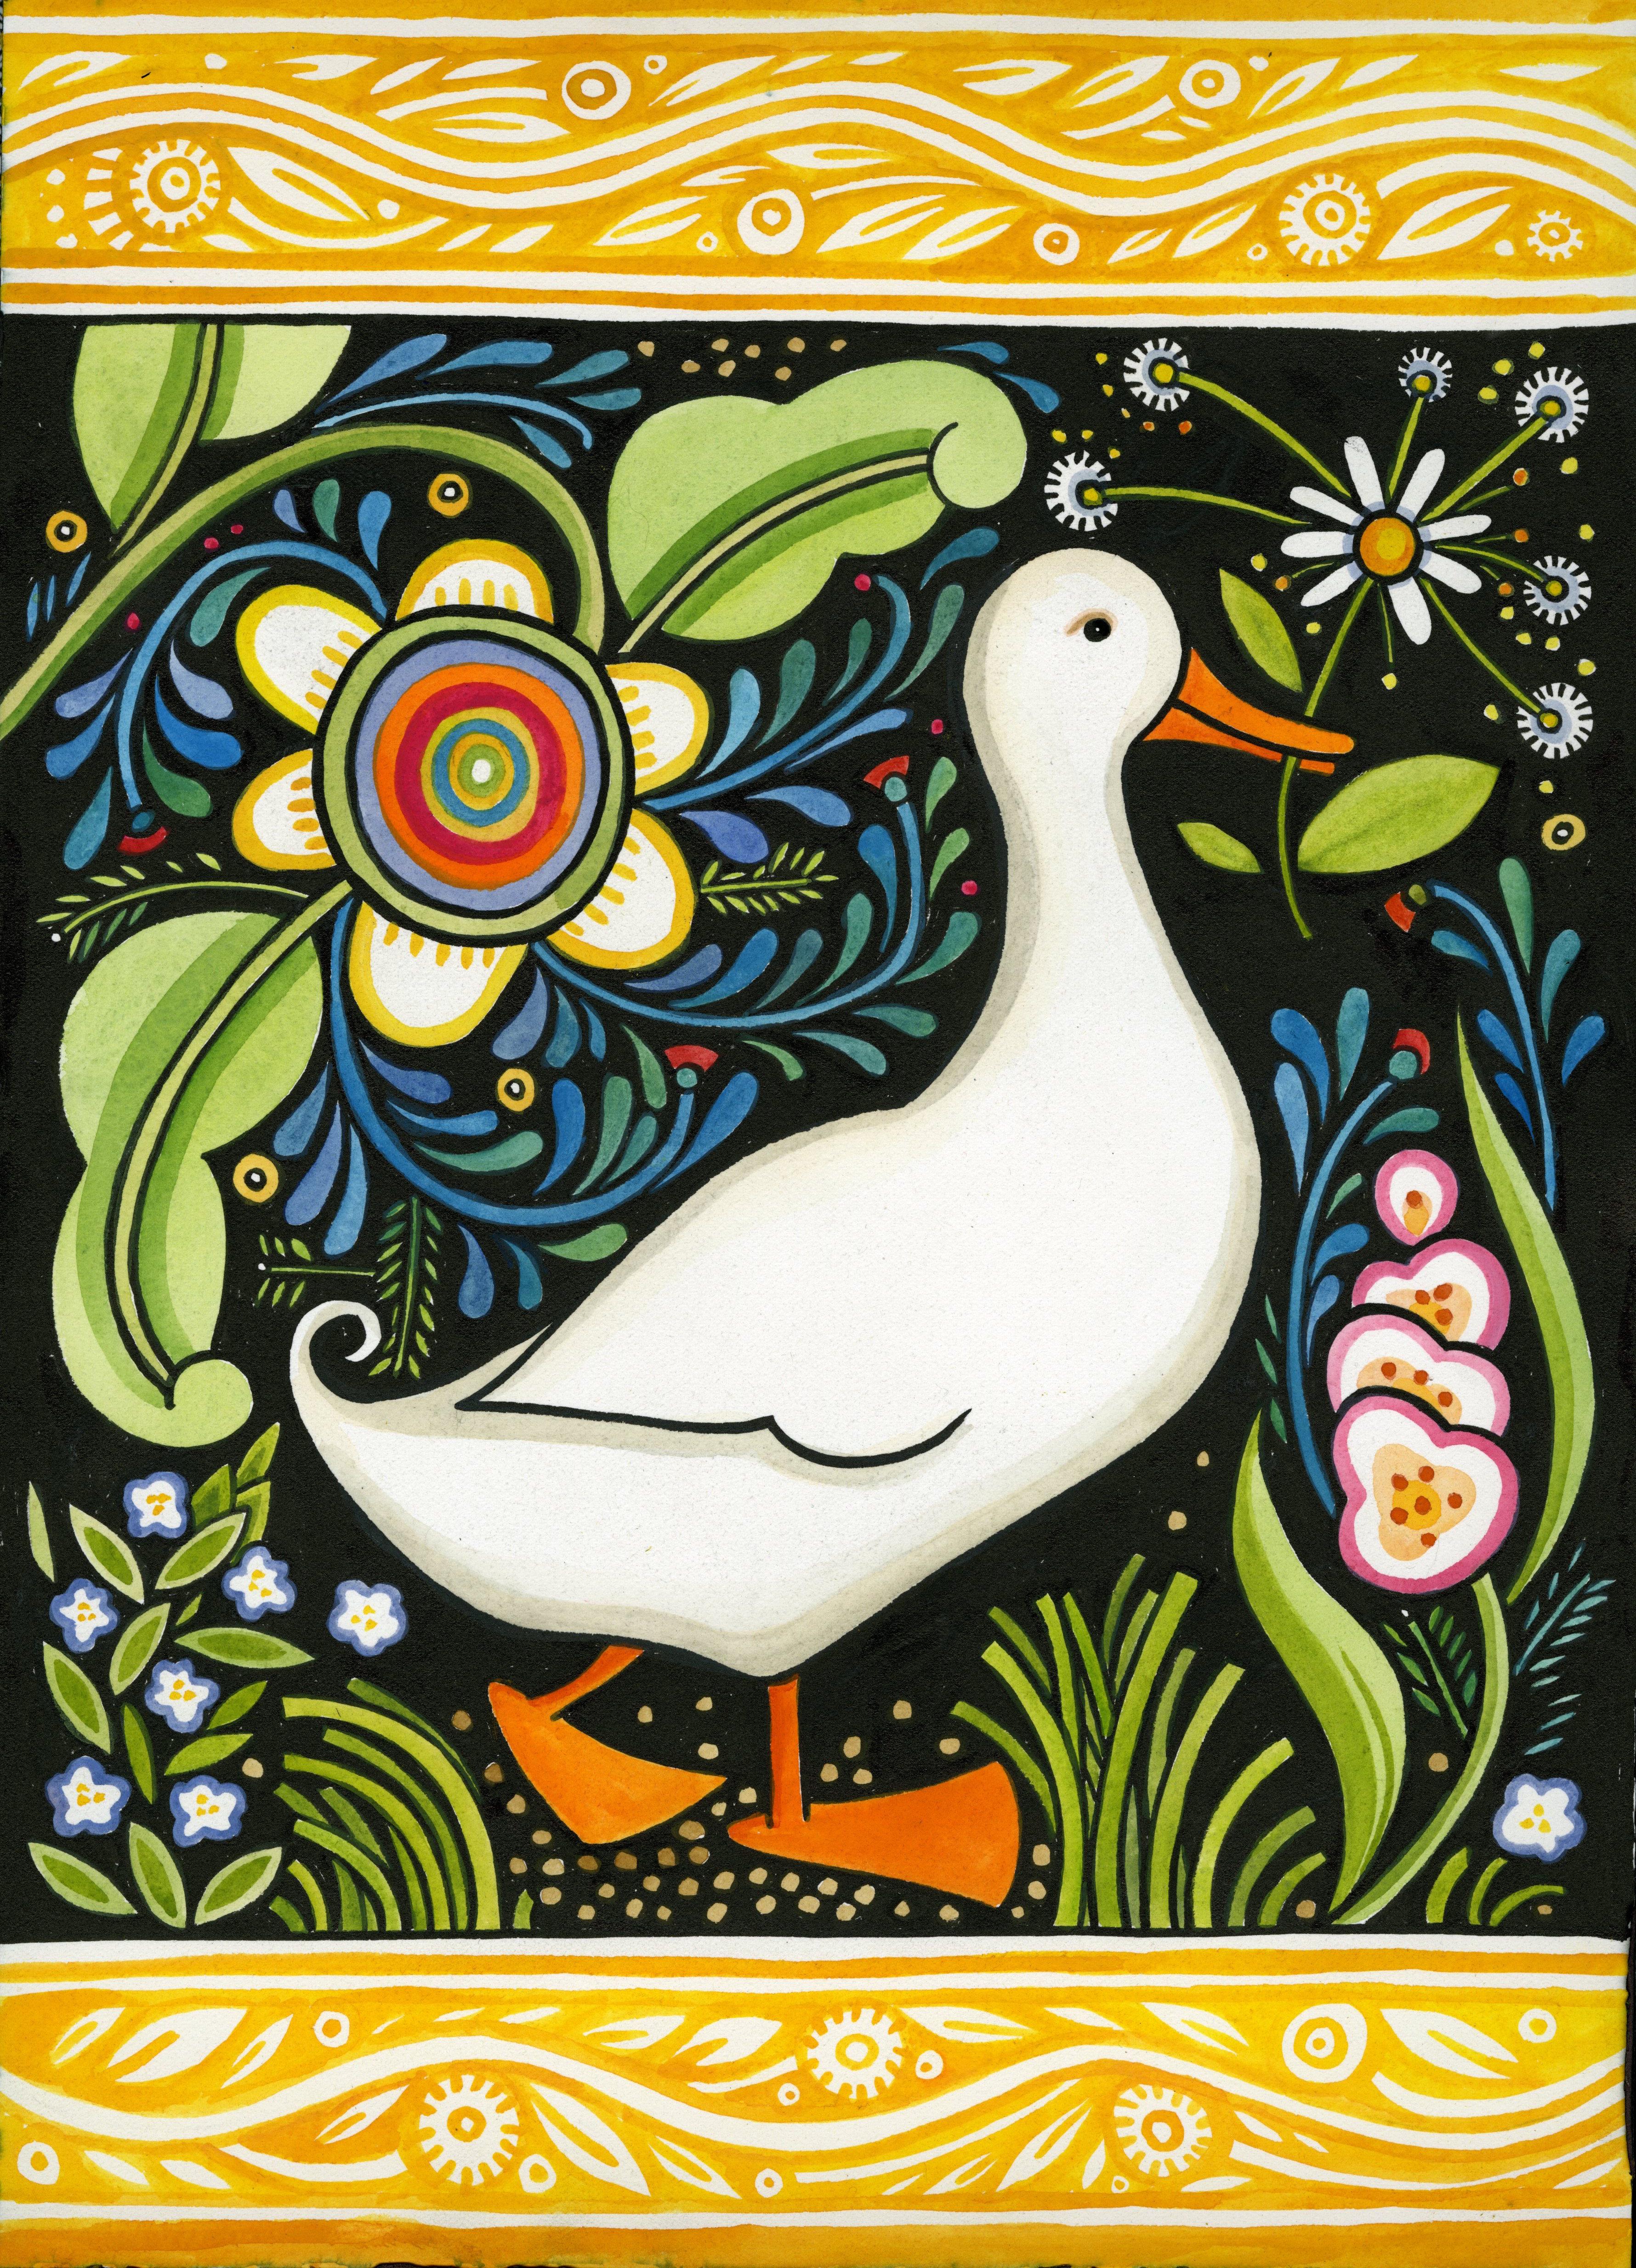 Cards julie paschkis ducky m4hsunfo